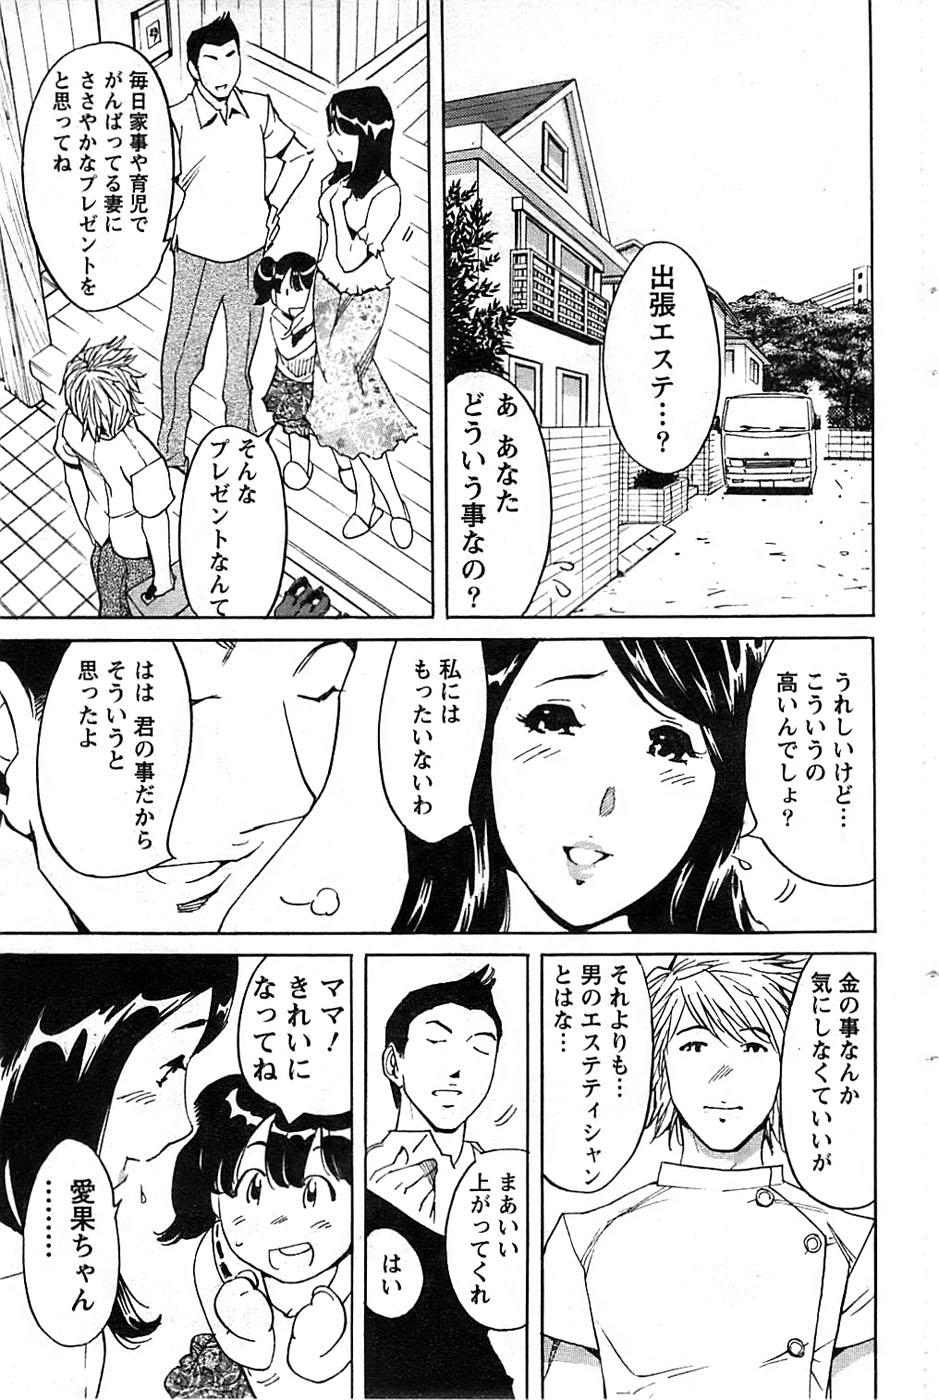 【エロ漫画】 アヤとかごめはレズでイチャラブし、アヤはかごめに手マンして逝かせキスをする♪【無料 エロ同人】